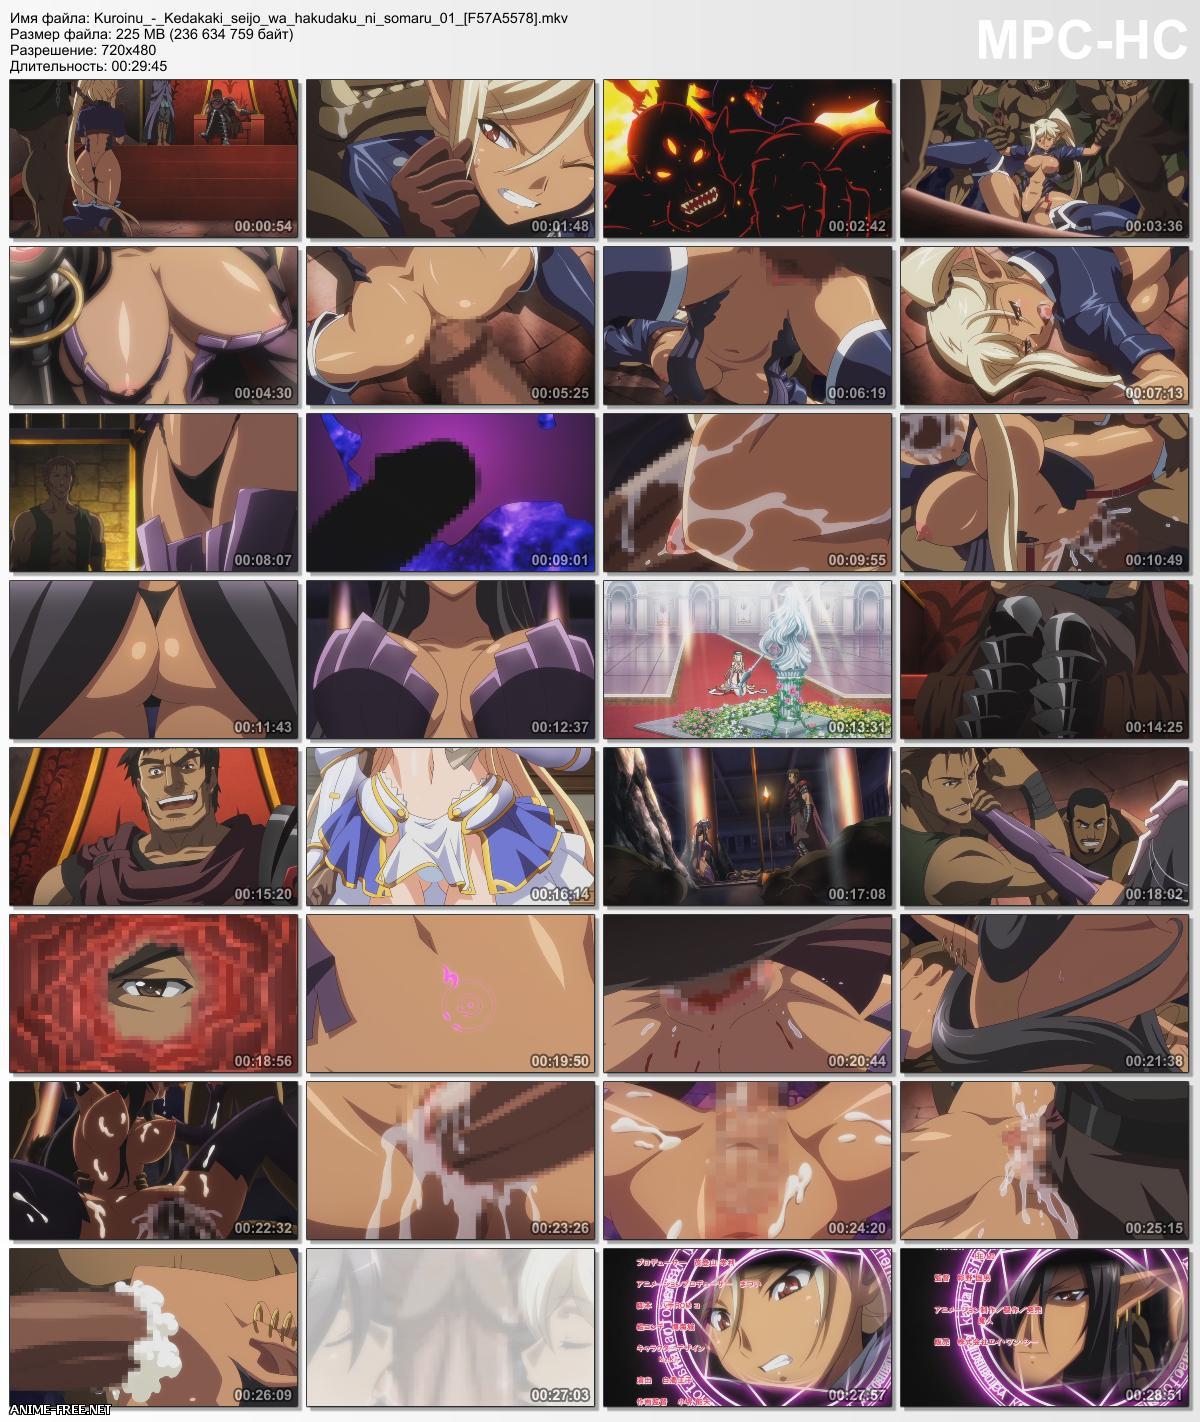 Kuroinu: Kedakaki Seijo wa Hakudaku ni Somaru / Kuro kemono / Чёрный Зверь - Осквернение благородной жрицы [Ep.1-5] [ENG,RUS,JAP] Anime Hentai